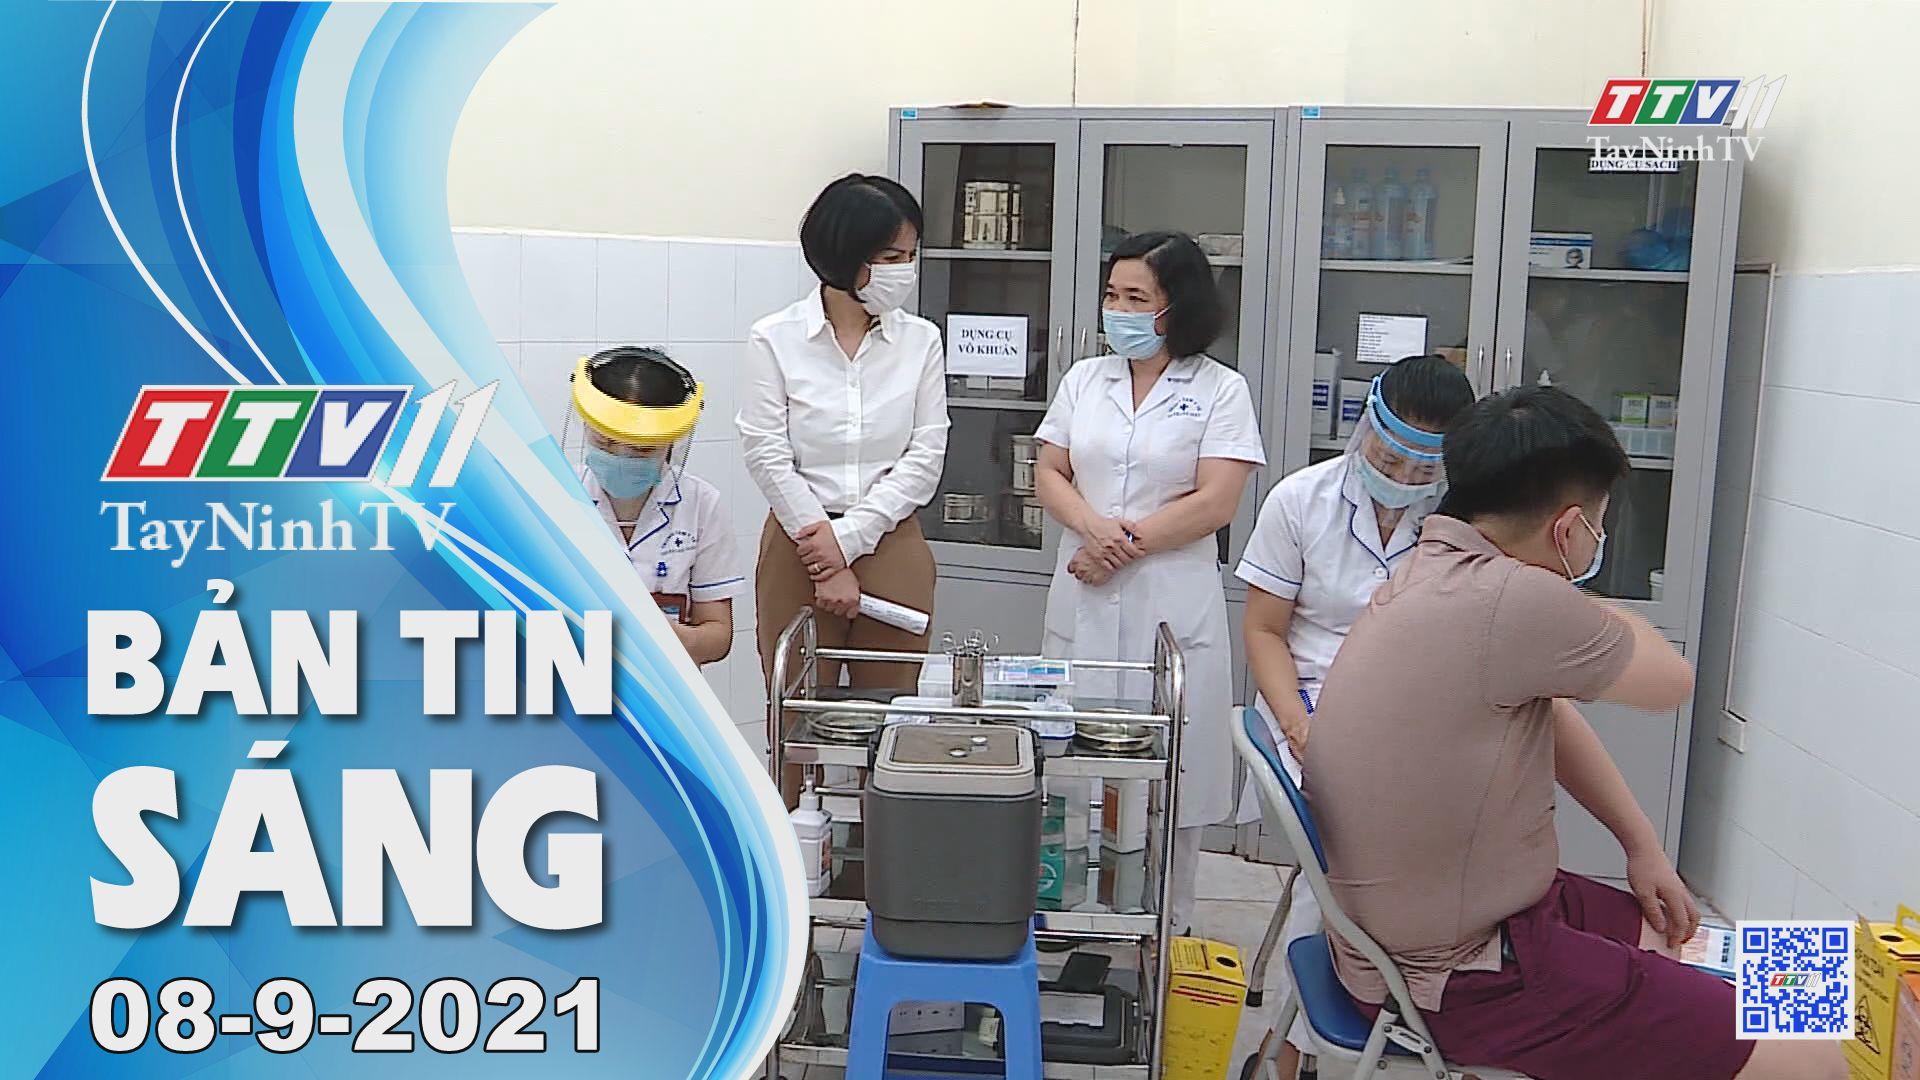 Bản tin sáng 08-9-2021 | Tin tức hôm nay | TayNinhTV